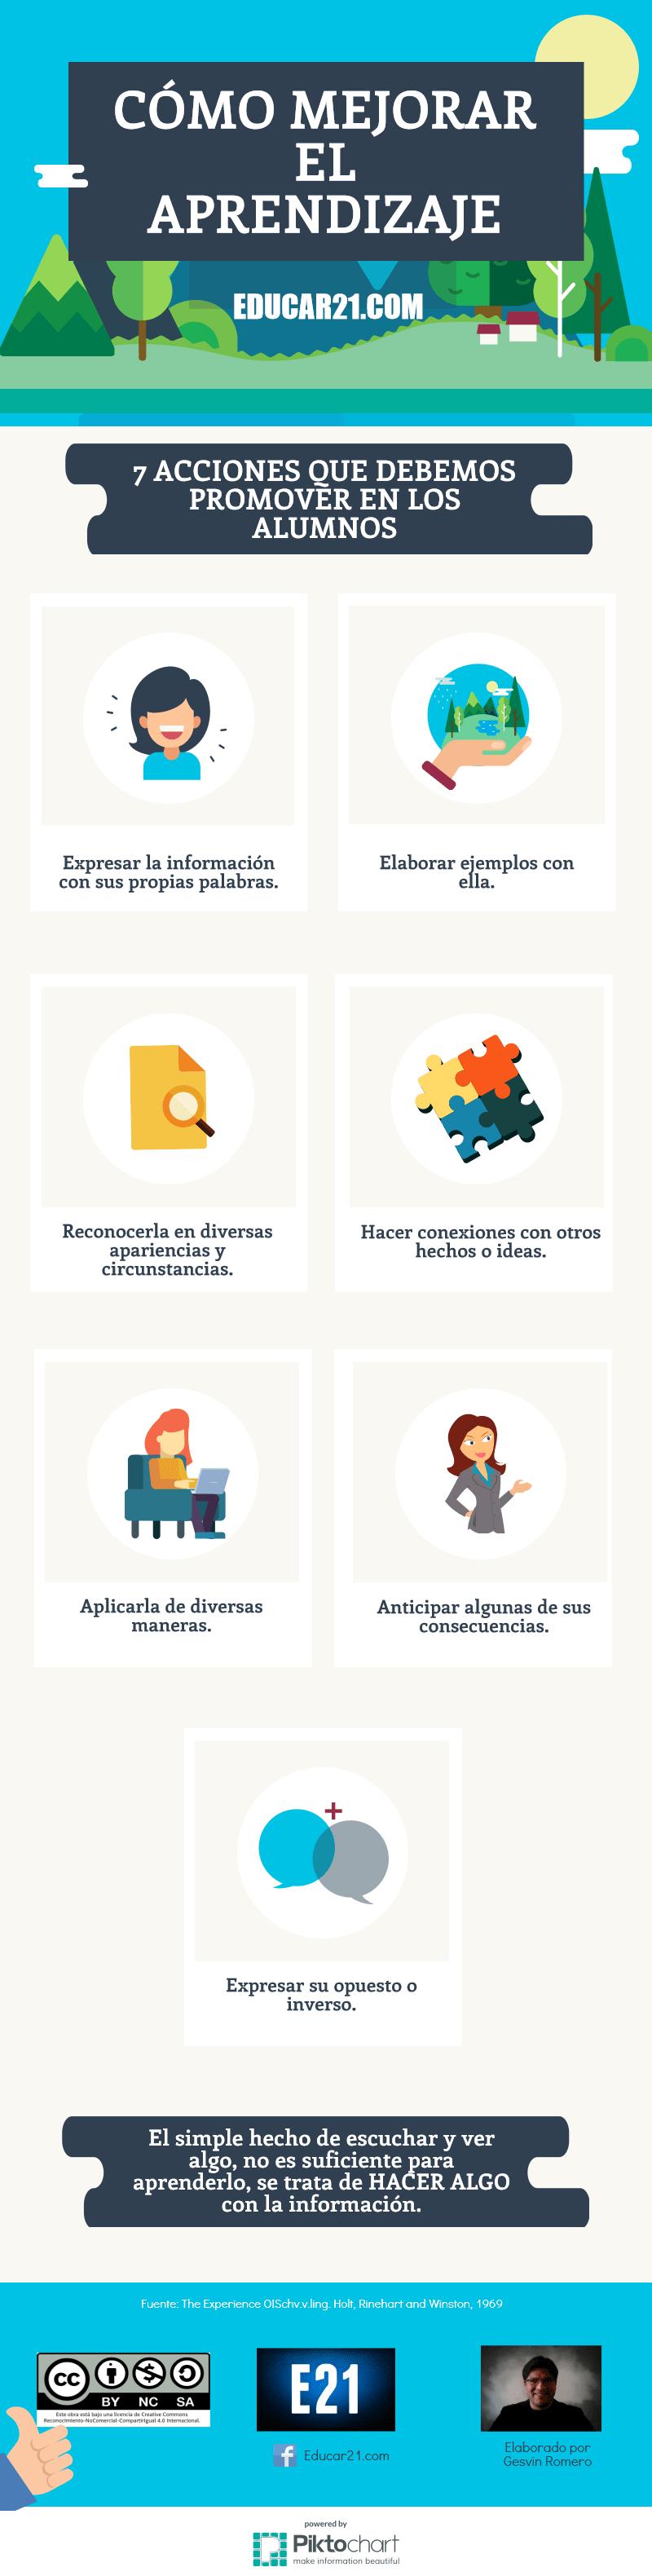 cómo mejorar el aprendizaje